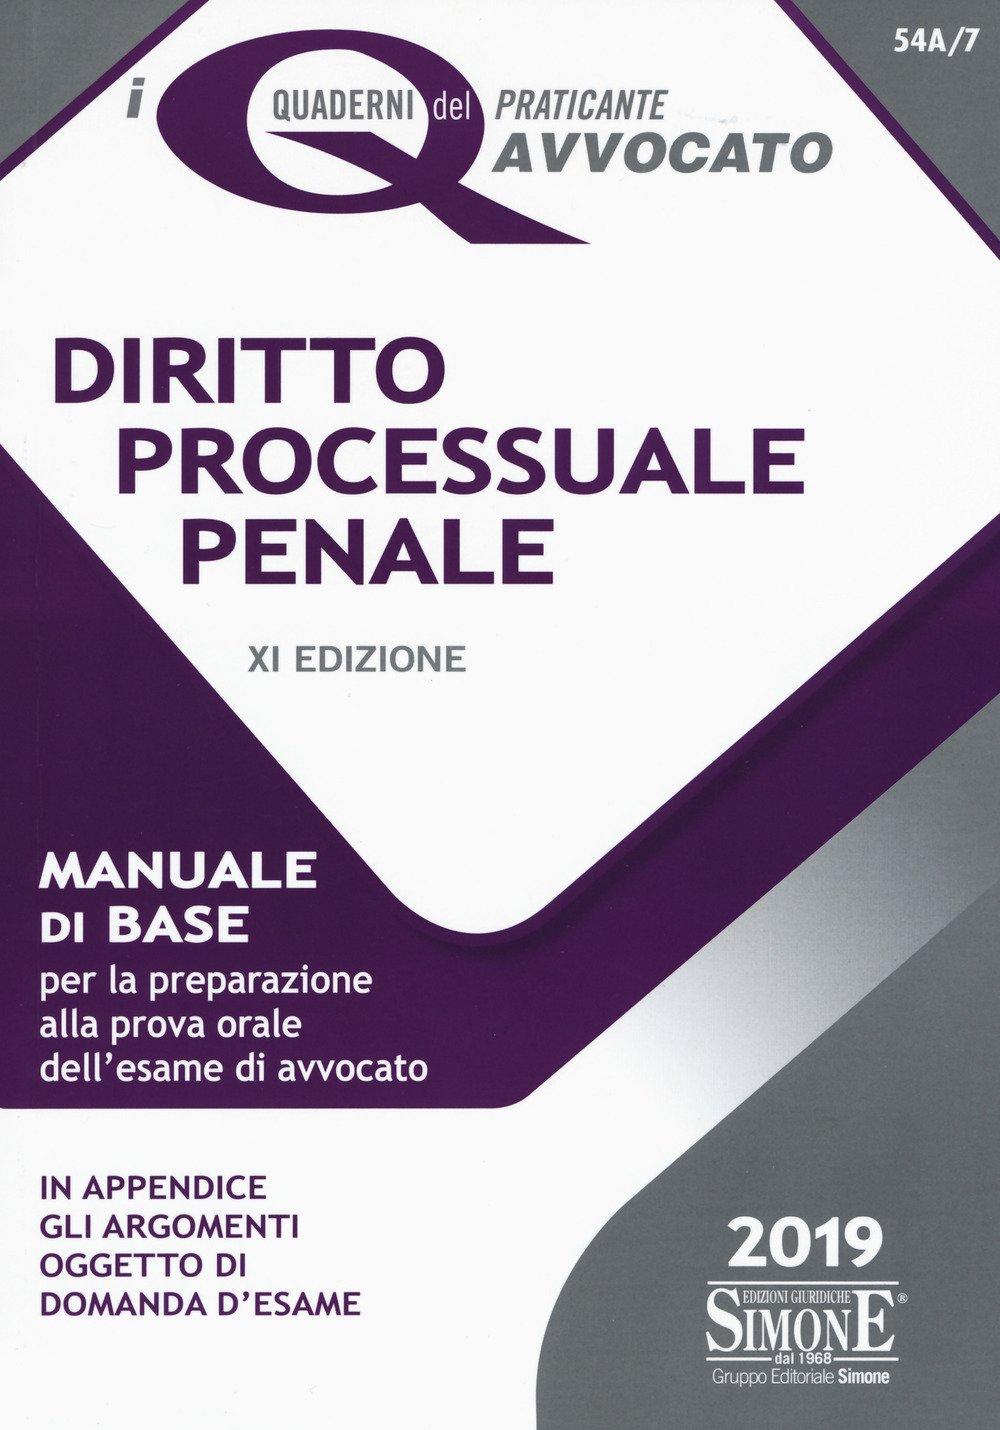 Diritto processuale penale. Manuale di base per la preparazione alla prova orale